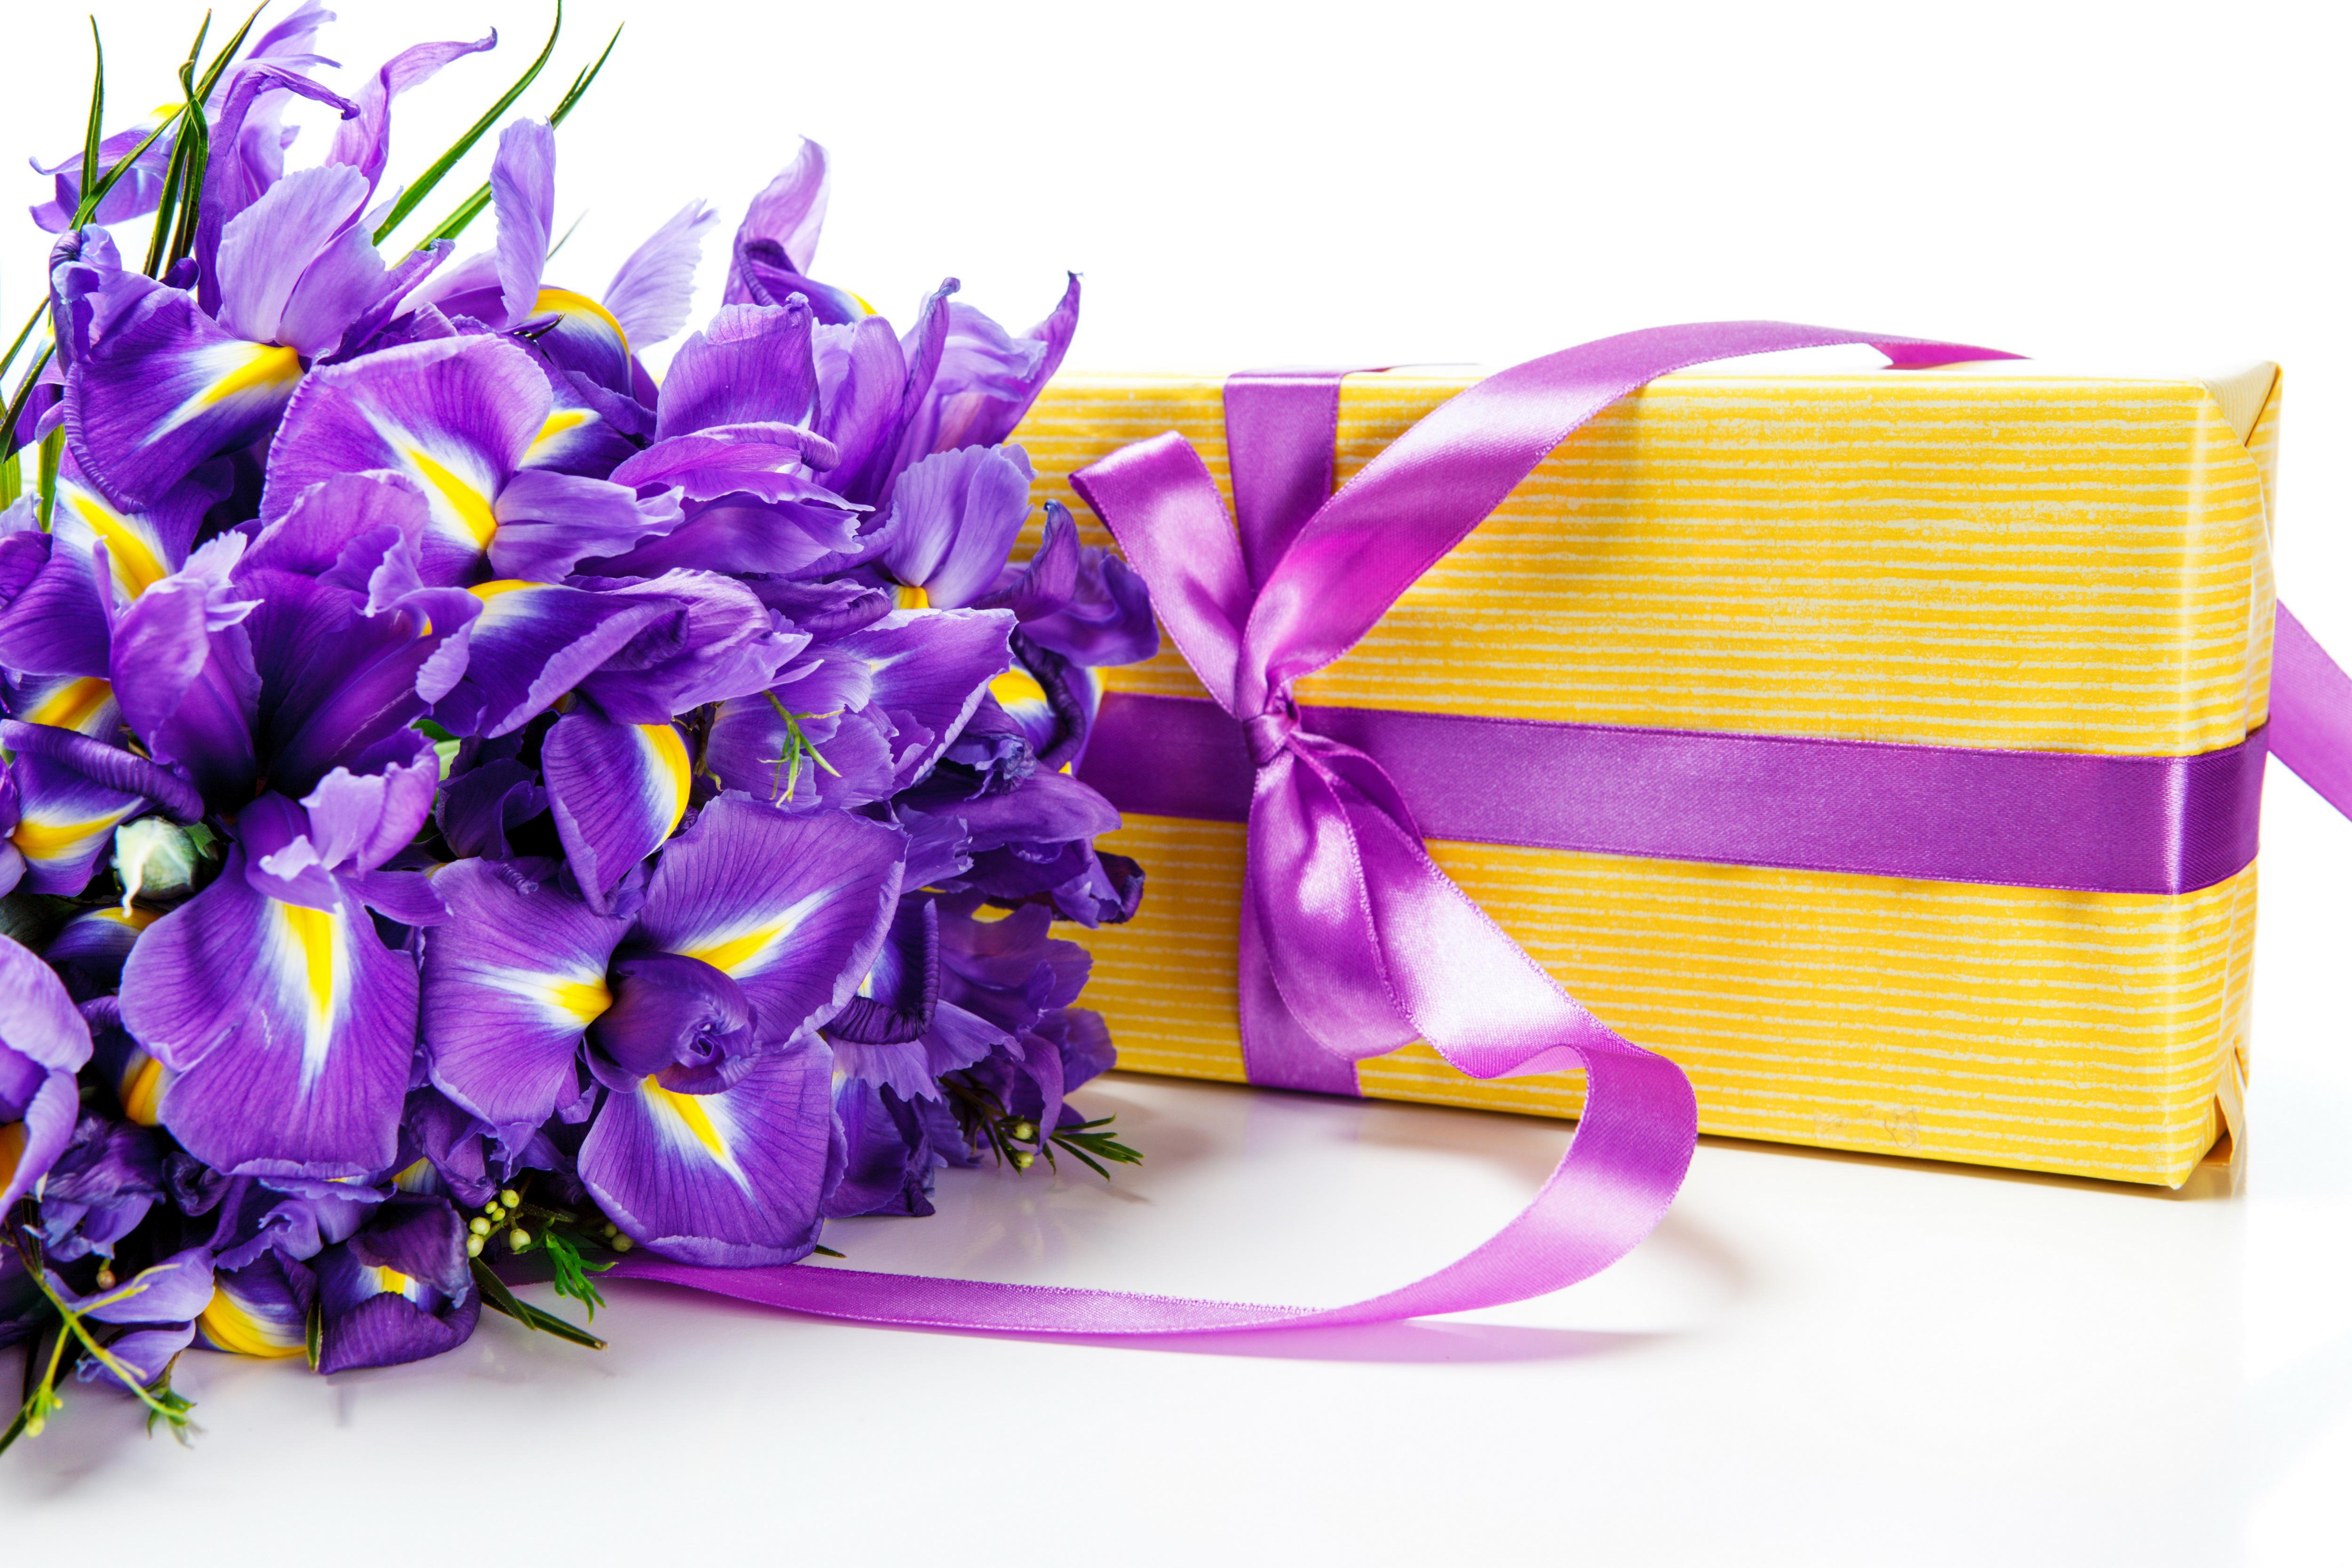 фиолетовые цветы в коробке  № 2541517 бесплатно